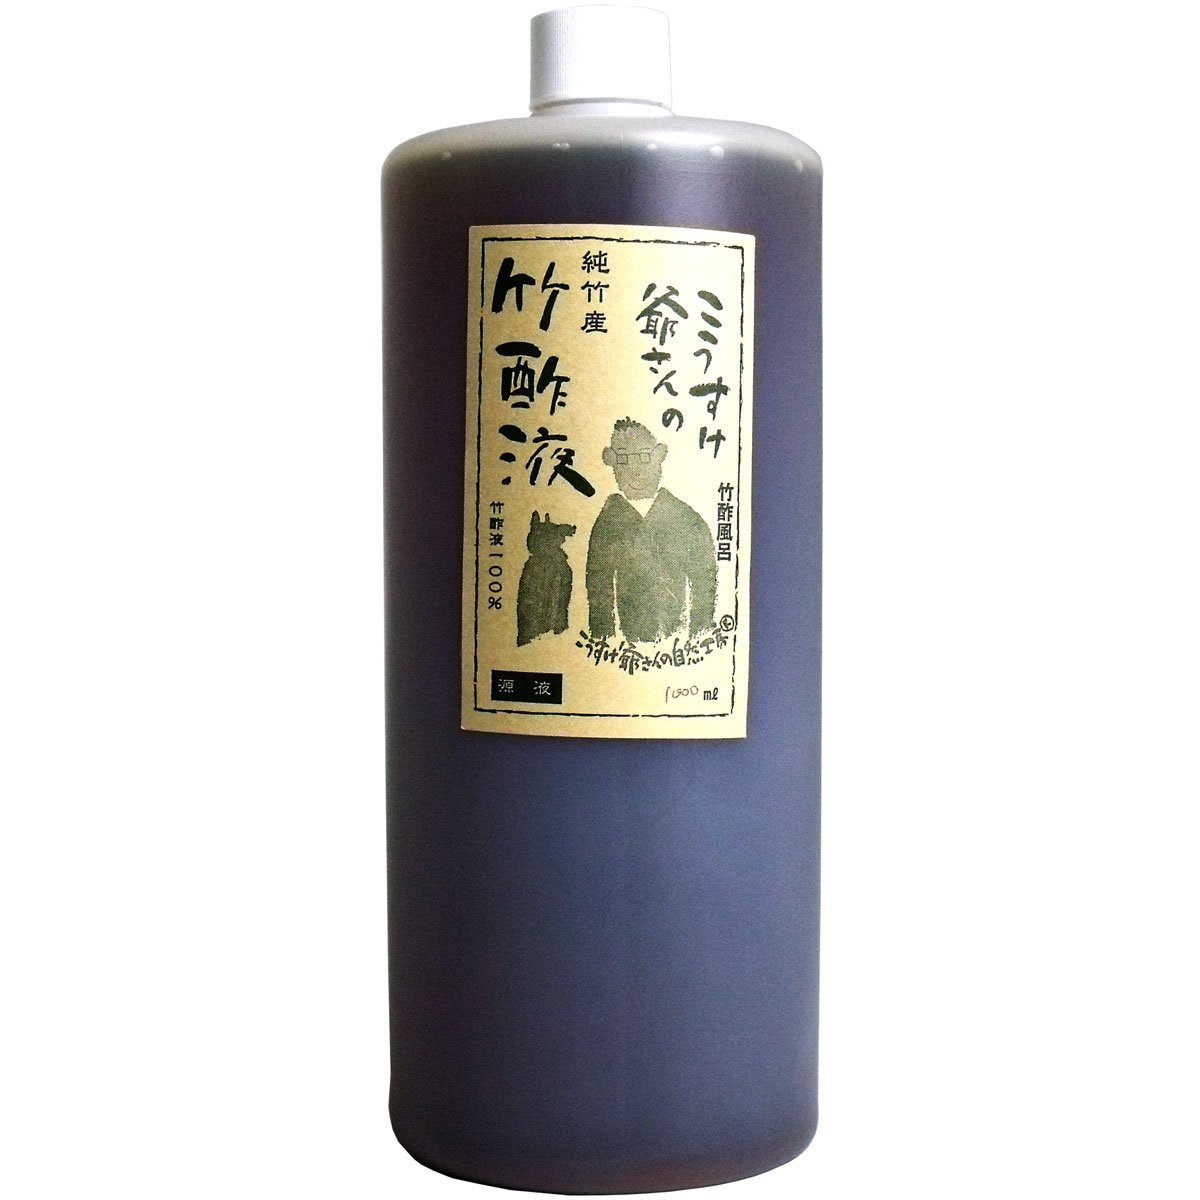 除菌 やさしい自然の恵み 人気商品 こうすけ爺さんの純竹産 竹酢液100%原液 竹酢風呂 1000mL【3個セット】 B00UKTJ42G